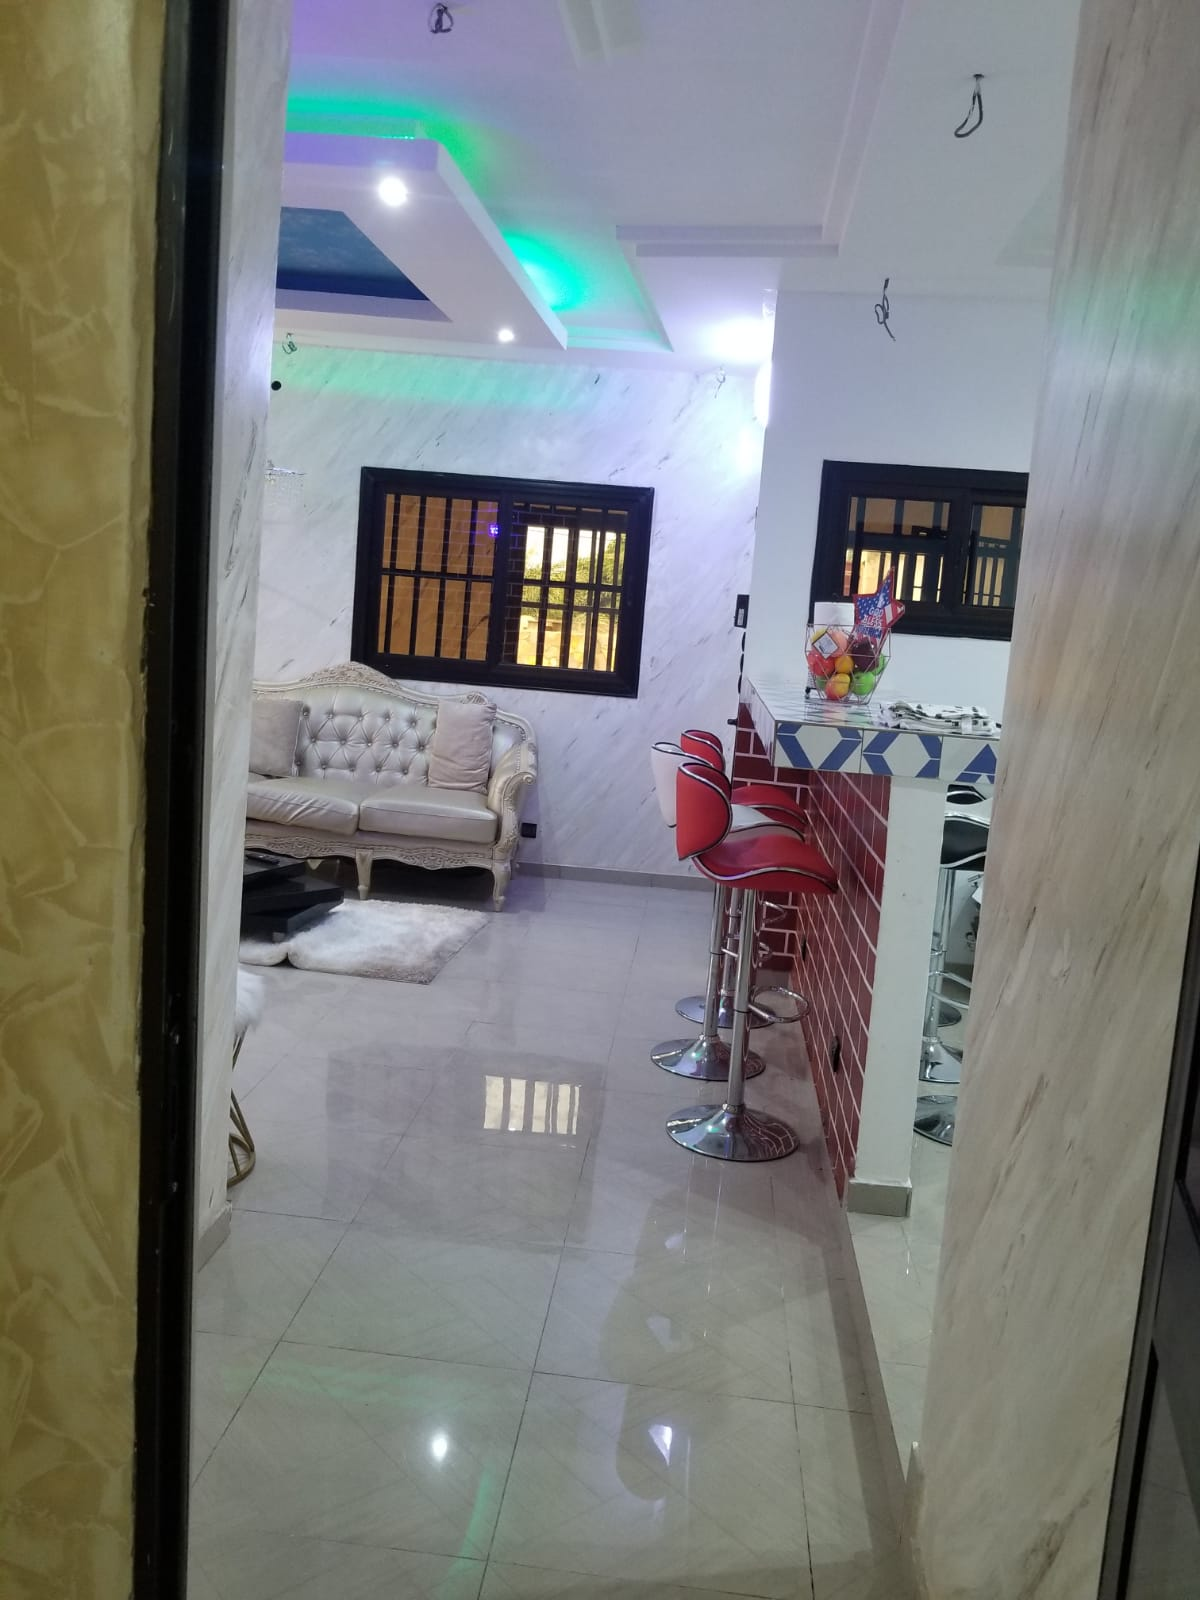 N° 4976 :                             Appartement meublé à louer , Agoe, Lome, Togo : 350 000 XOF/mois